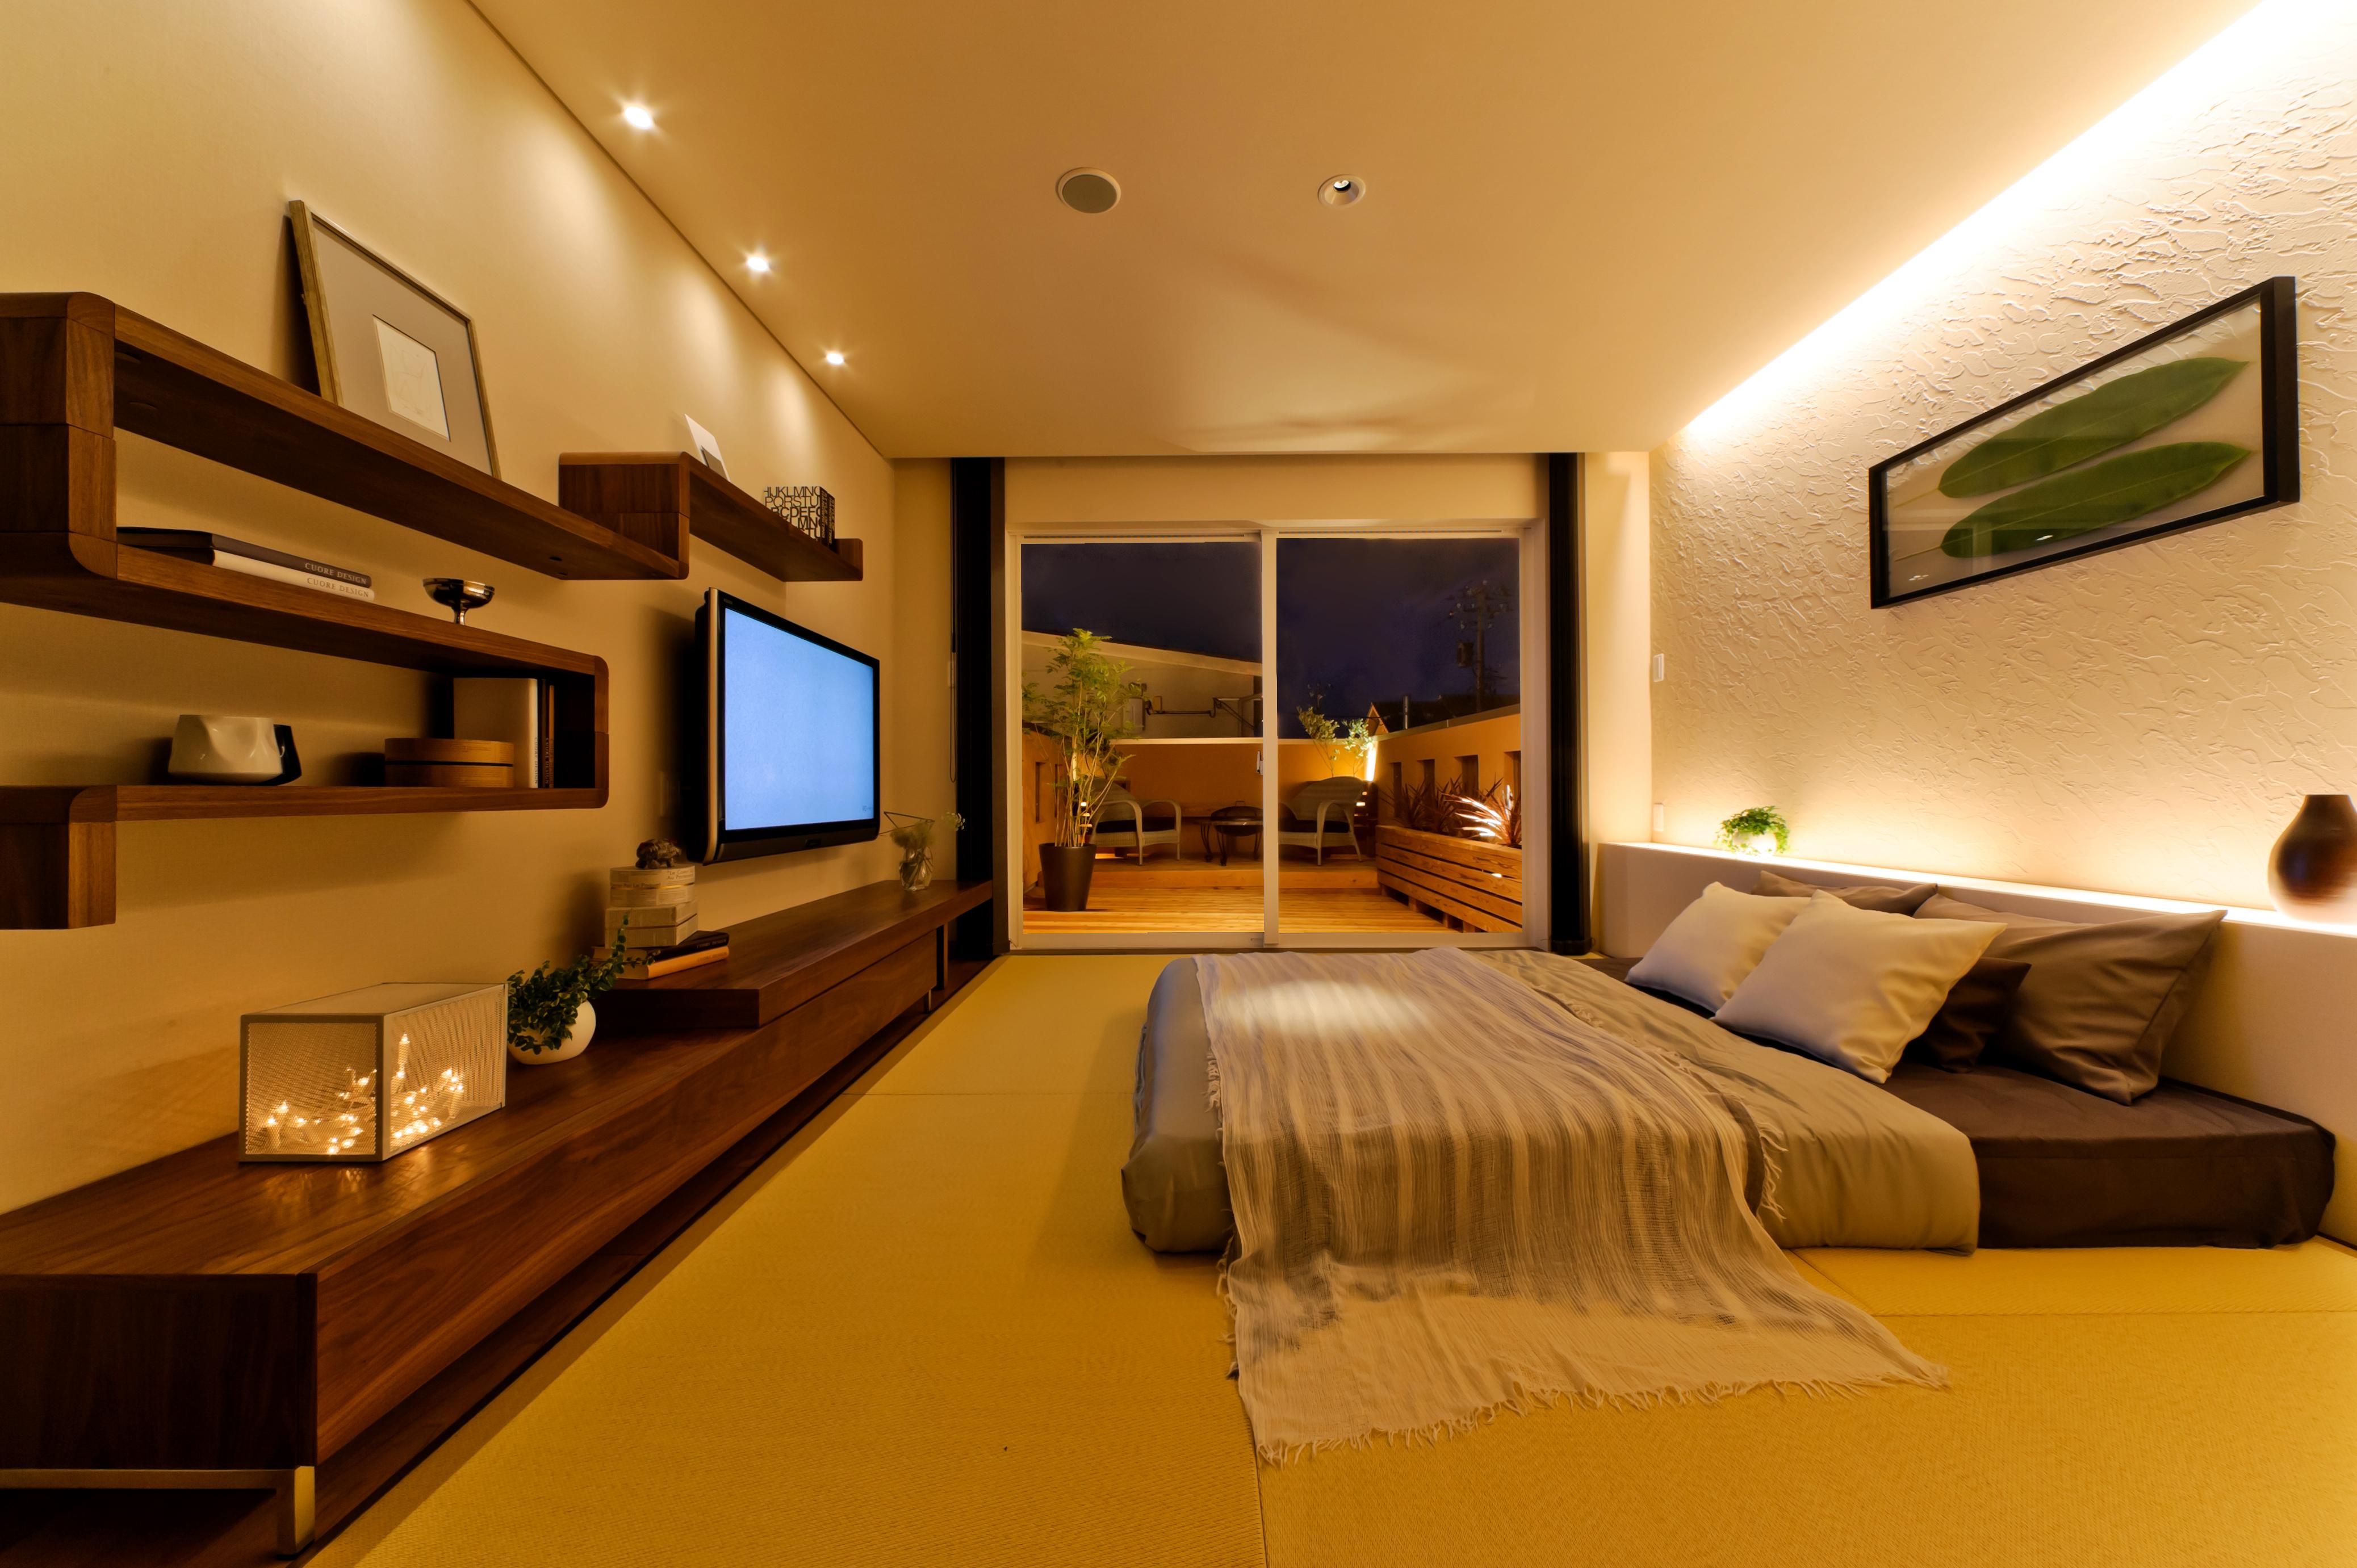 寝室/畳敷きの寝室は間接照明で癒しとくつろぎを演出。